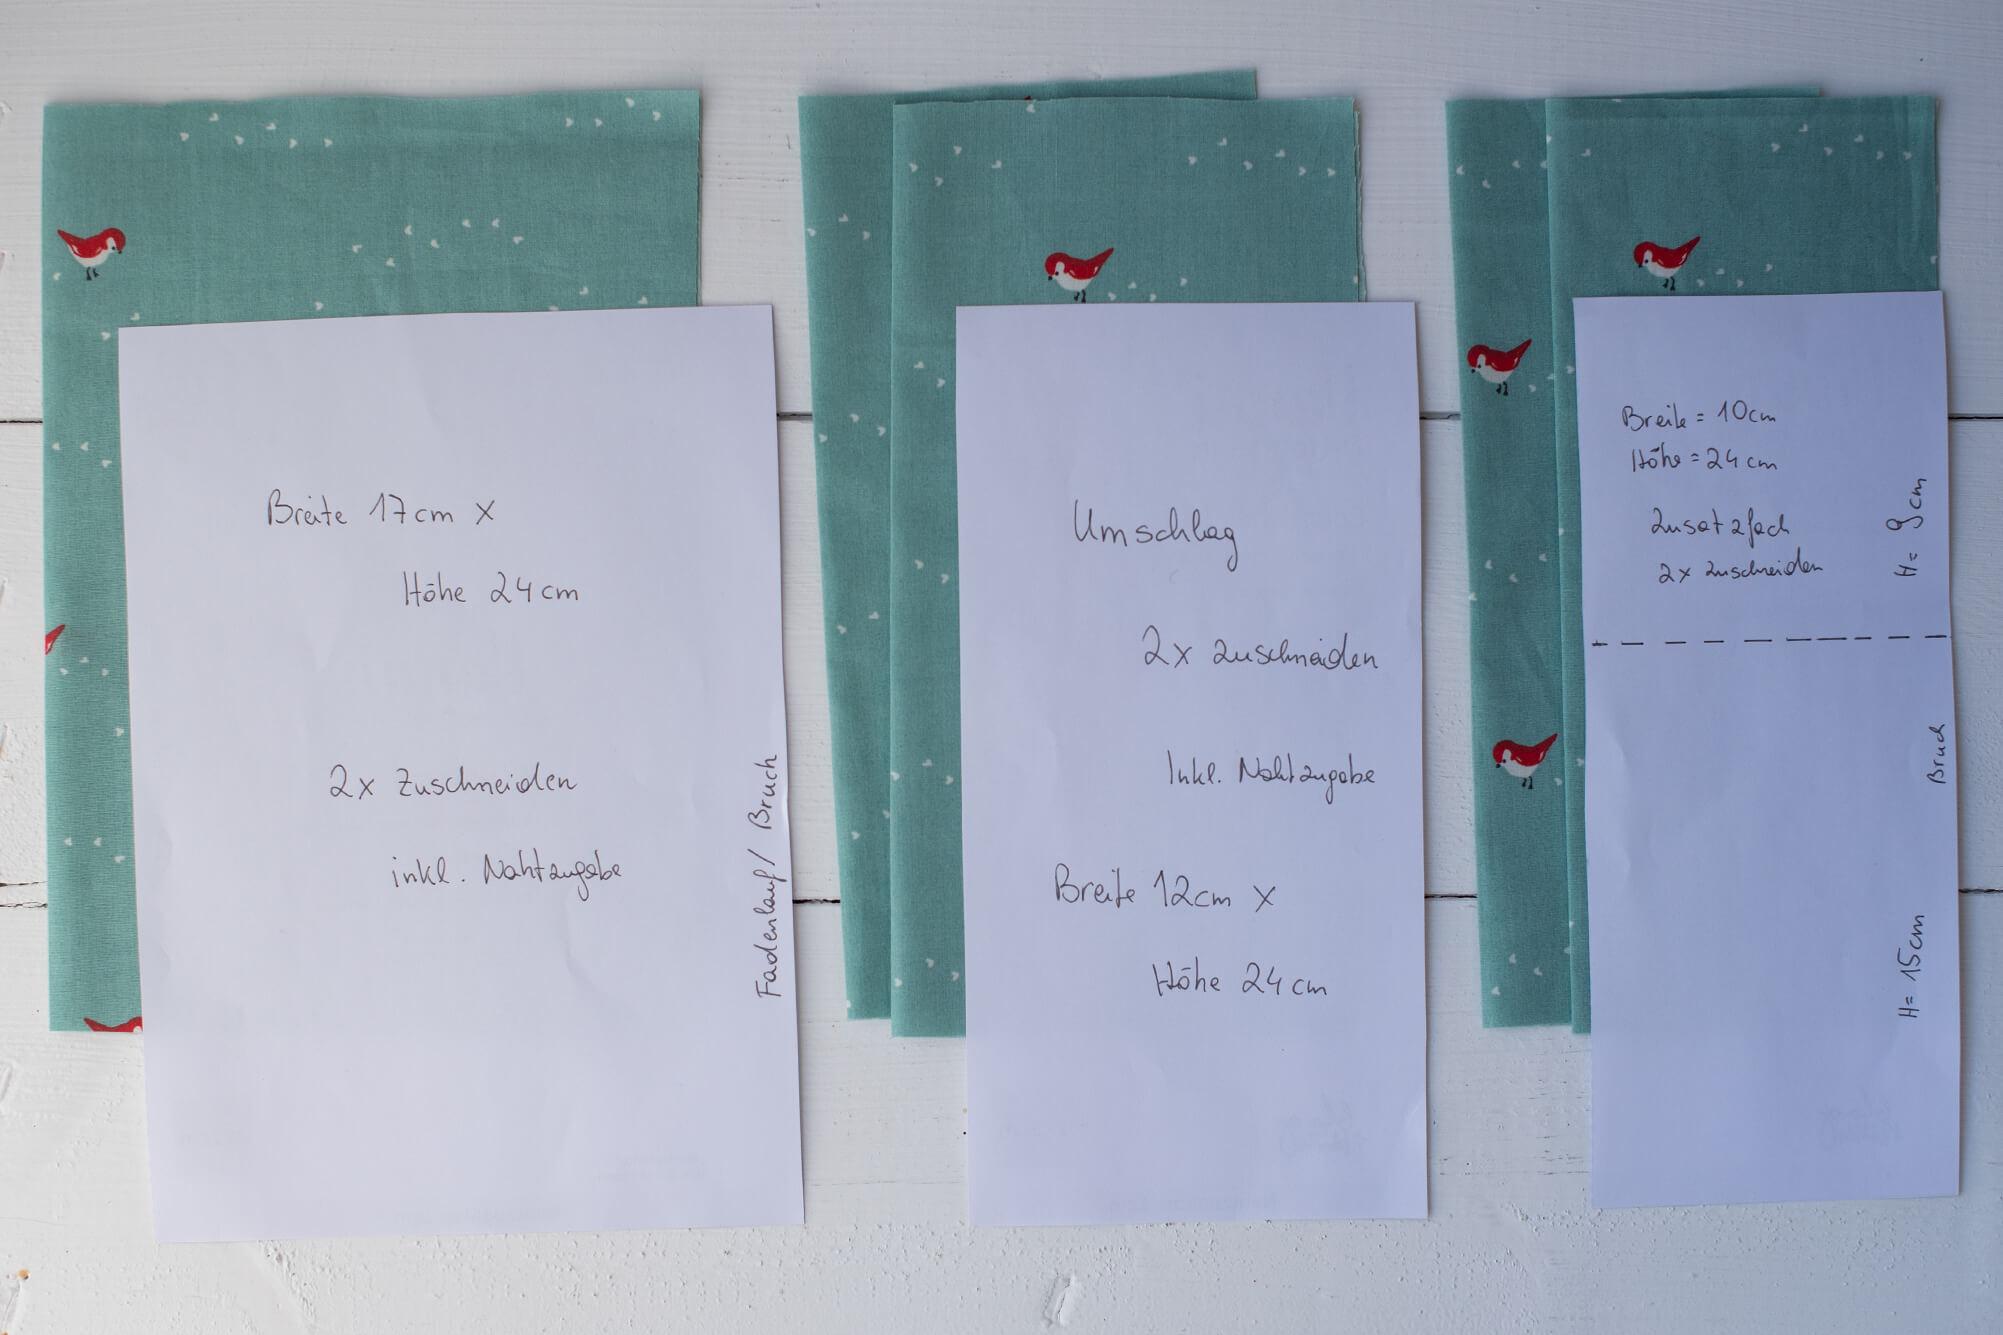 U-Heft Hülle aus Filz mit Namen Mit Persönlichen Foto und Impfpass Gelb